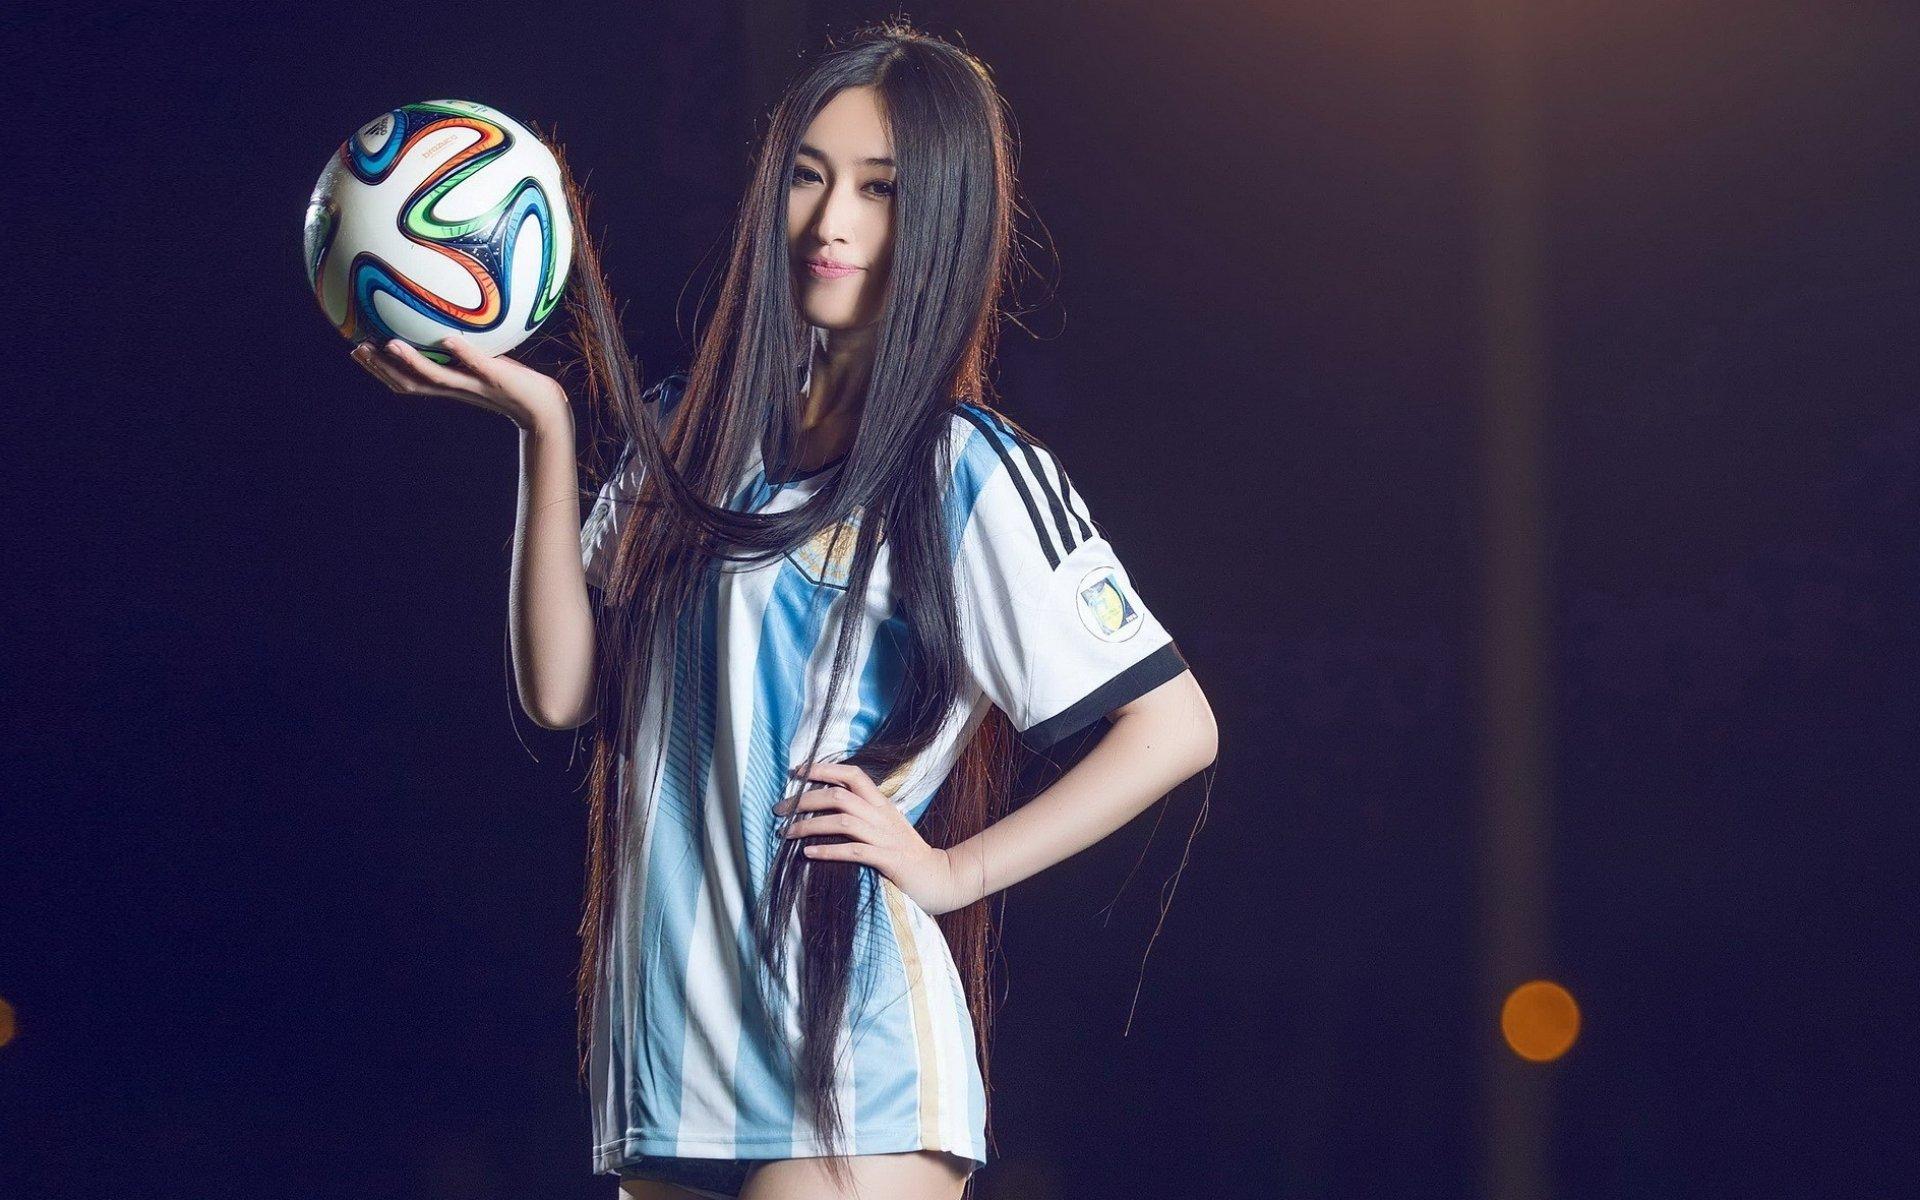 Soccer Girls Wallpaper Free: Oriental Asian Girl Girls Woman Women Female Model Sports